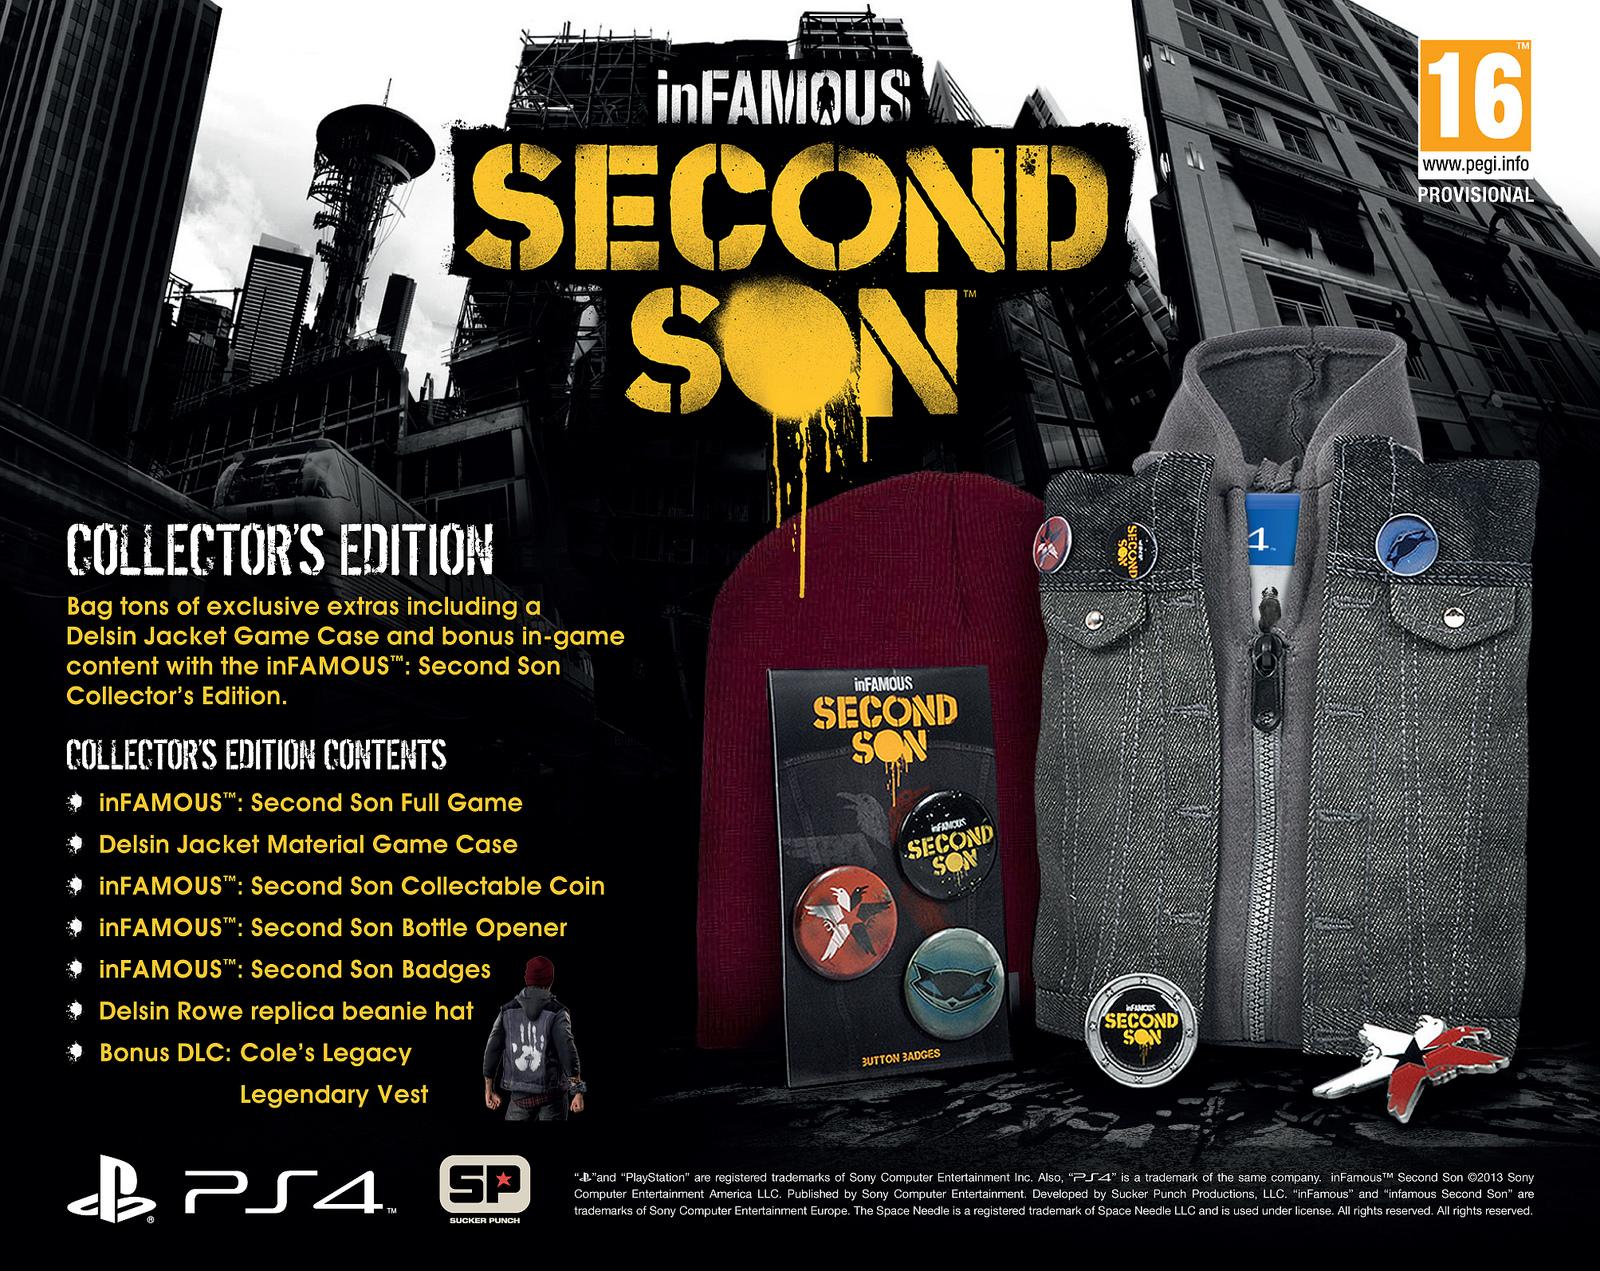 Odhalena sběratelská a speciální edice inFamous: Second Son 88900